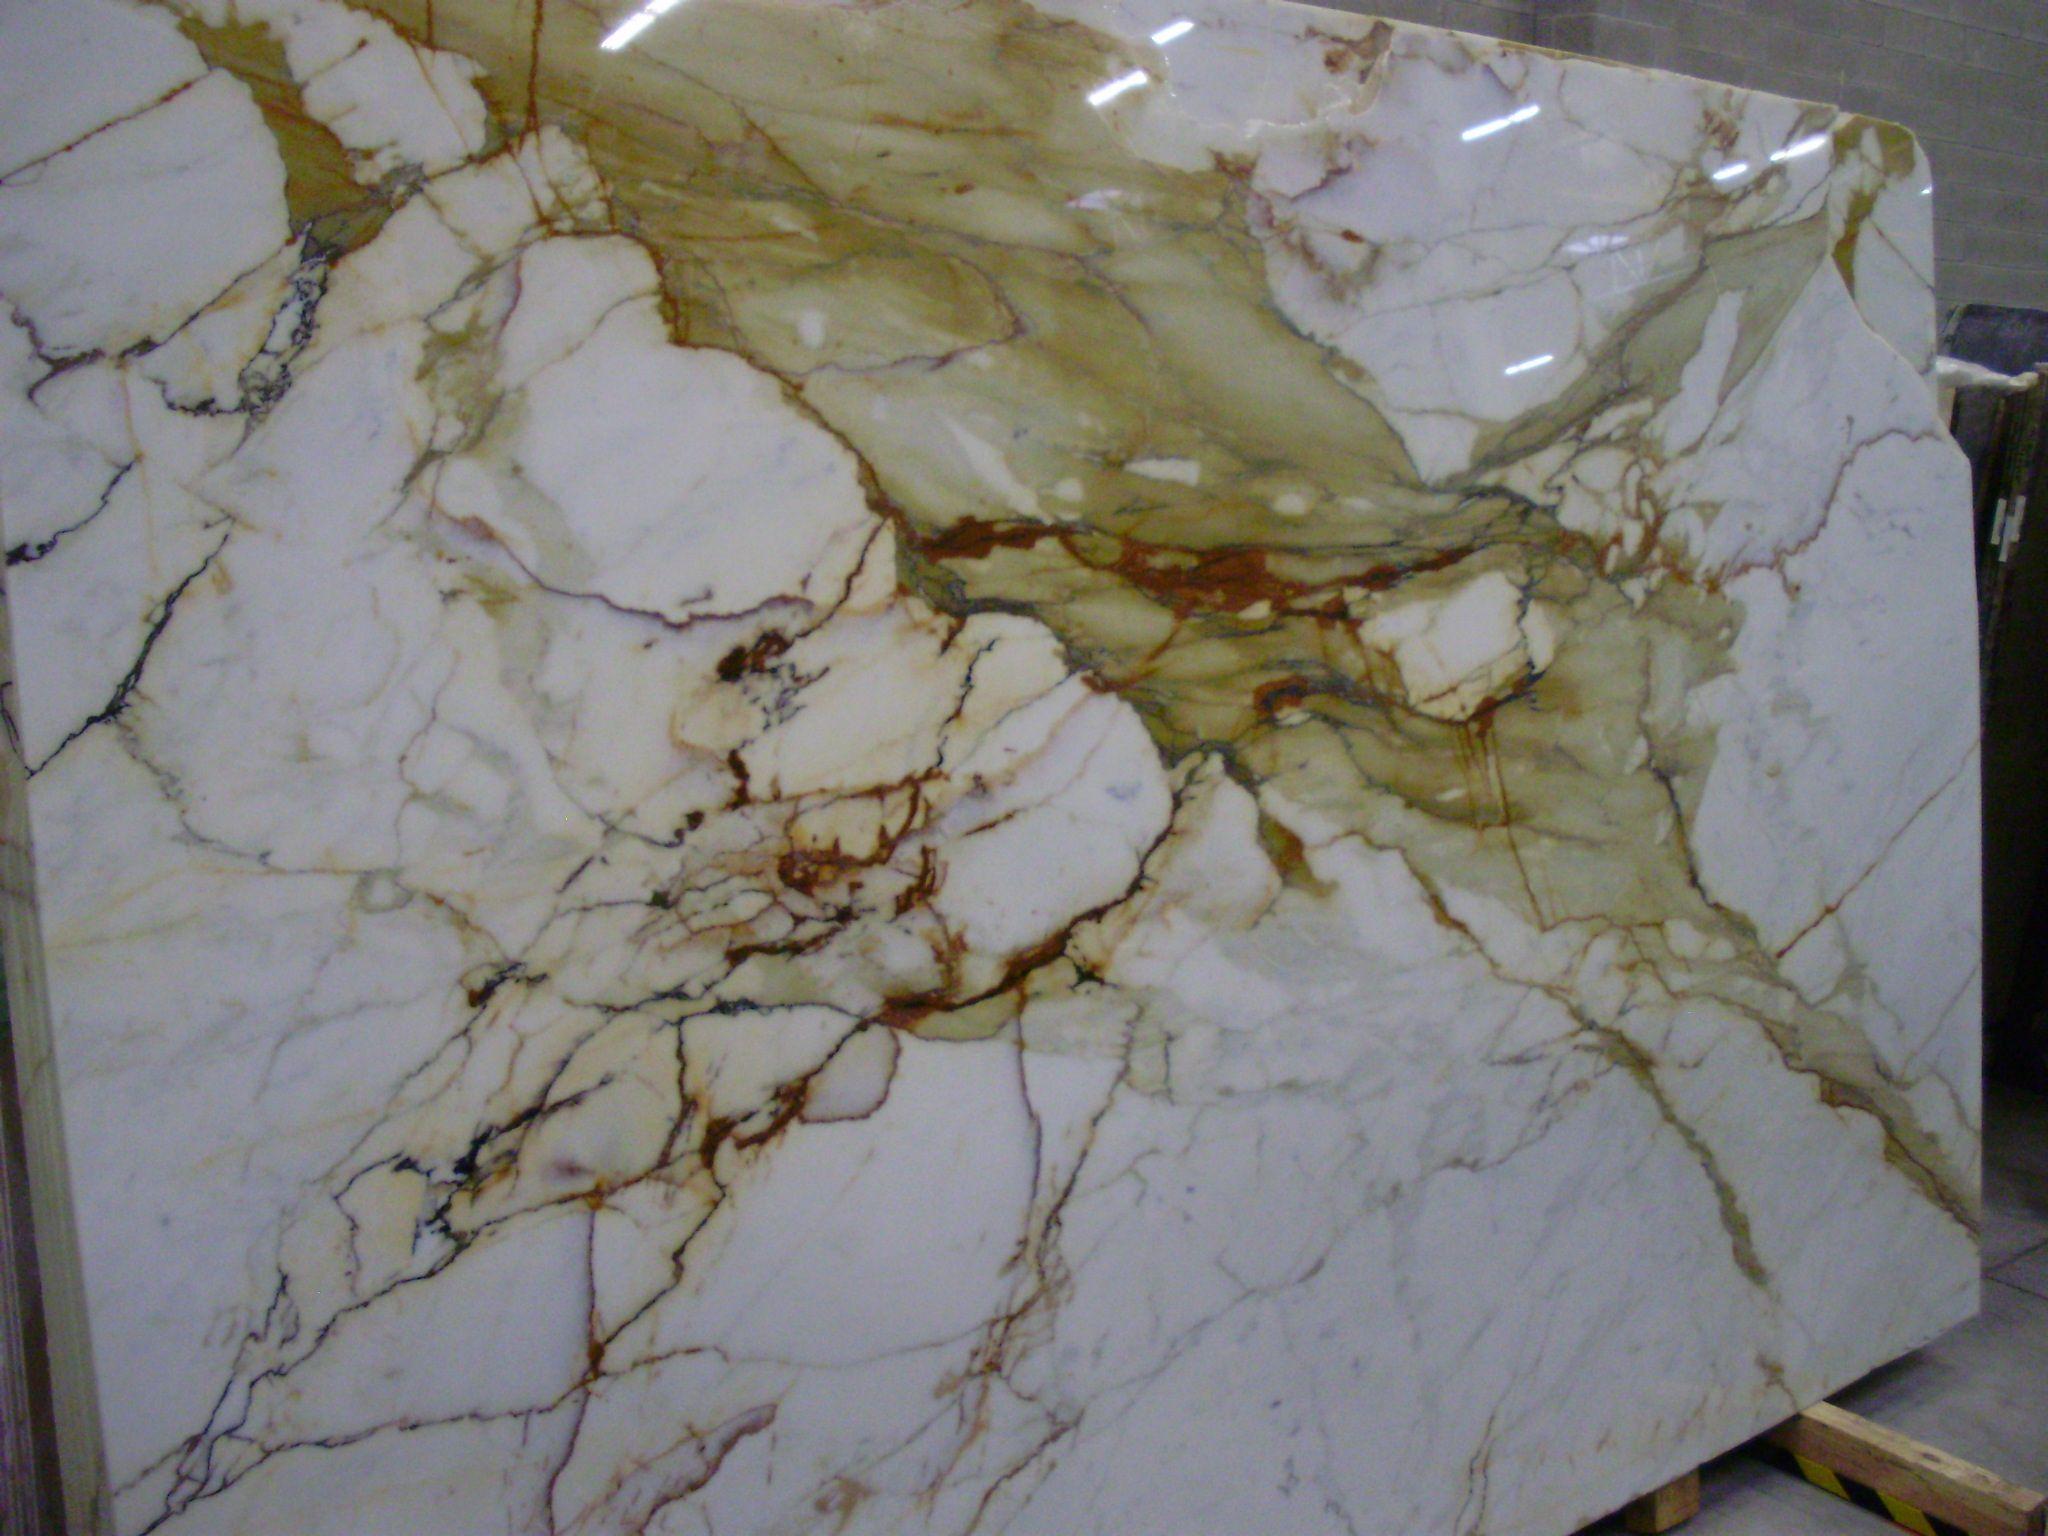 Paonazzo Marble Jpg 2048 1536 Marble Granite Granite Slab Grey Stone Fireplace